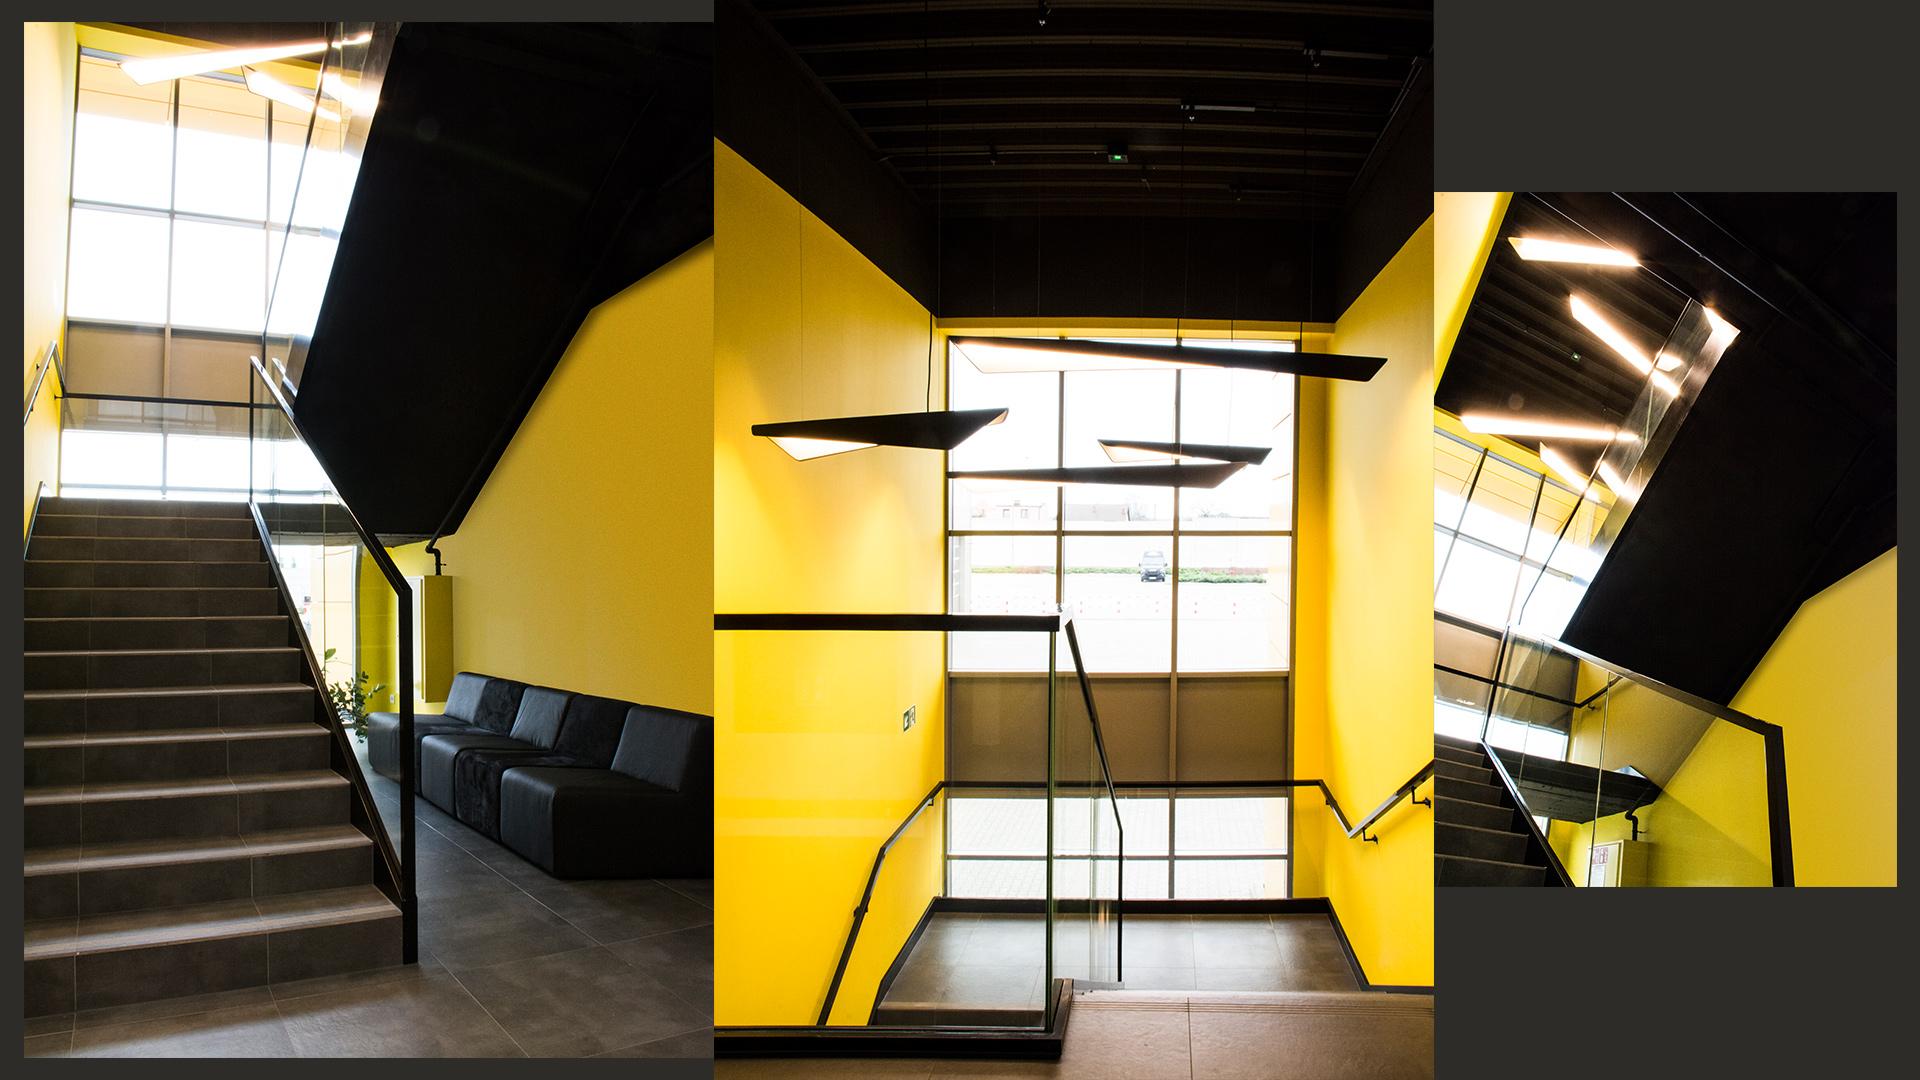 Klatka schodowa ma mocne akcenty kolorystyczne: żółte ściany kontrastują z pozostałymi czarnymi elementami wyposażenia. Pod schodami – autorska modułowa sofa, realizowana na wymiar.